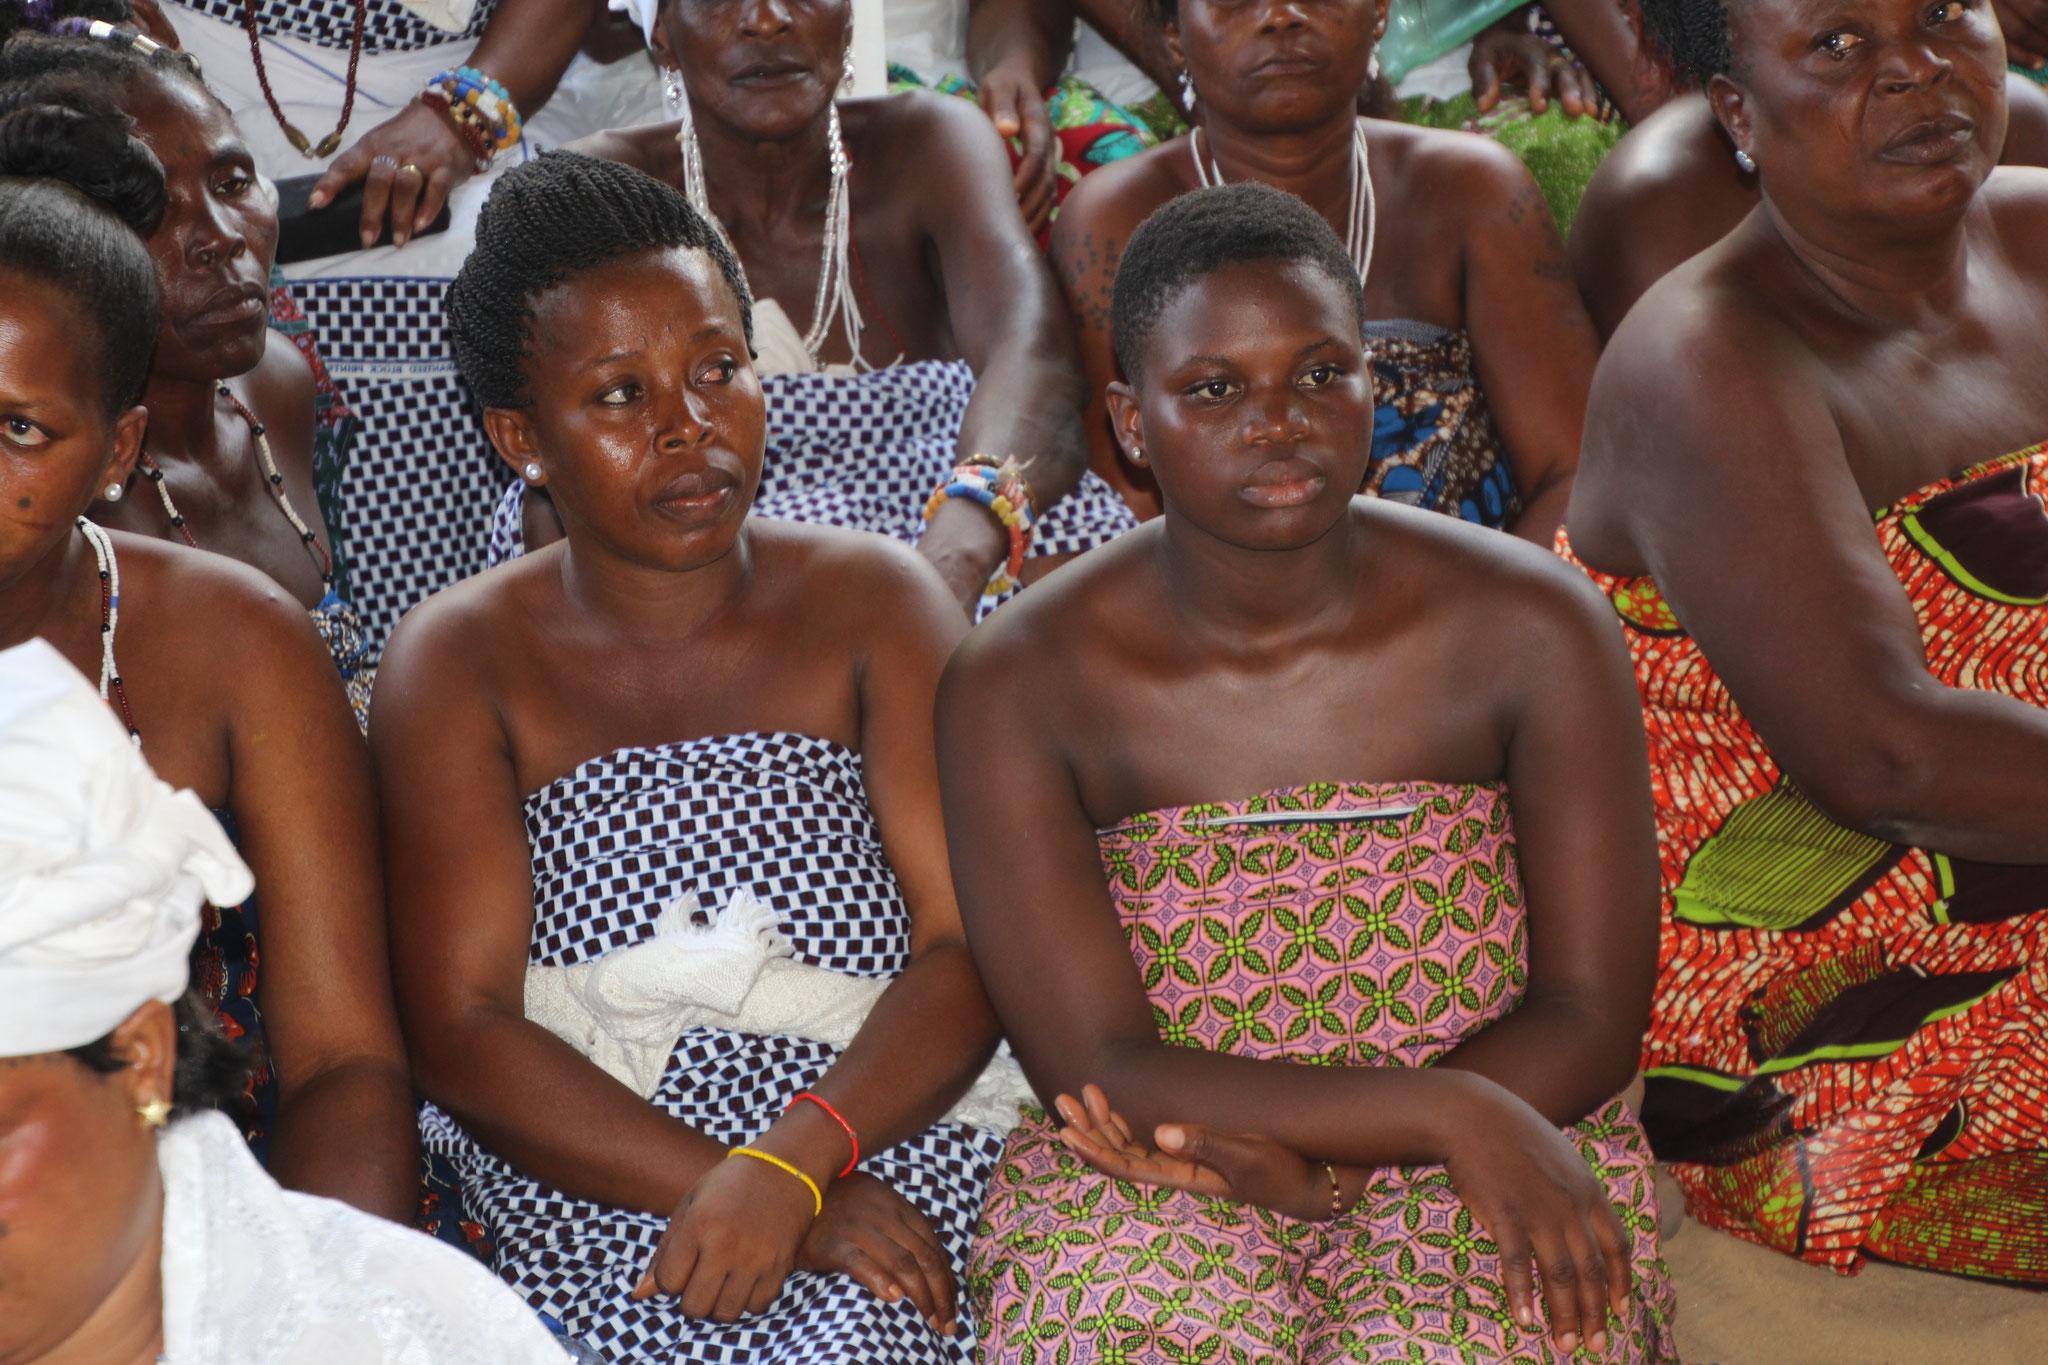 14. Tonton Akuete begrüsst Angehörige des Königs von Glidji Ata Kpesu.